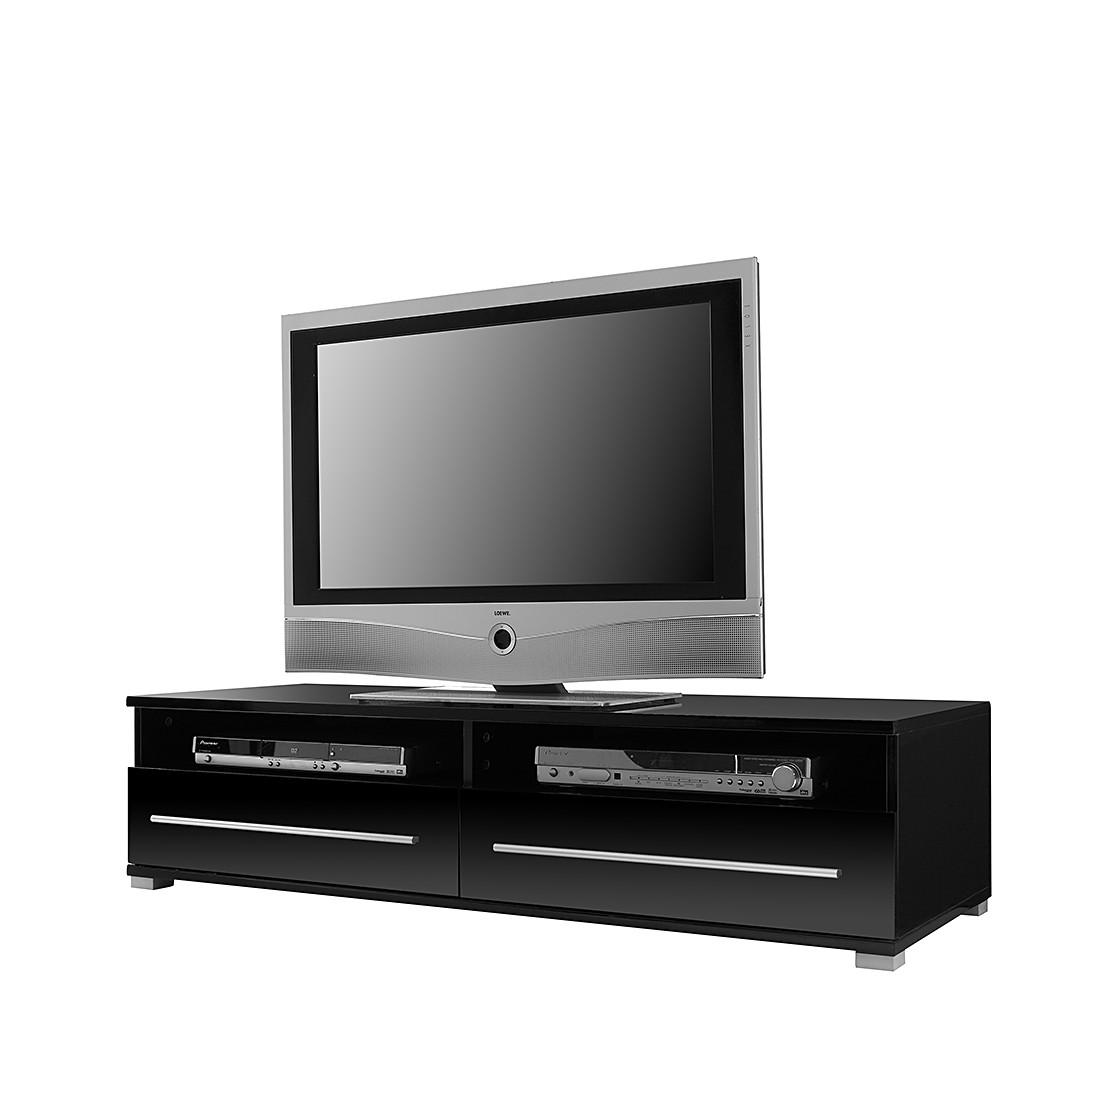 TV Lowboard Mert - Schwarz (TV Lowboard Mert - 2 Schubkästen - Schwarz)